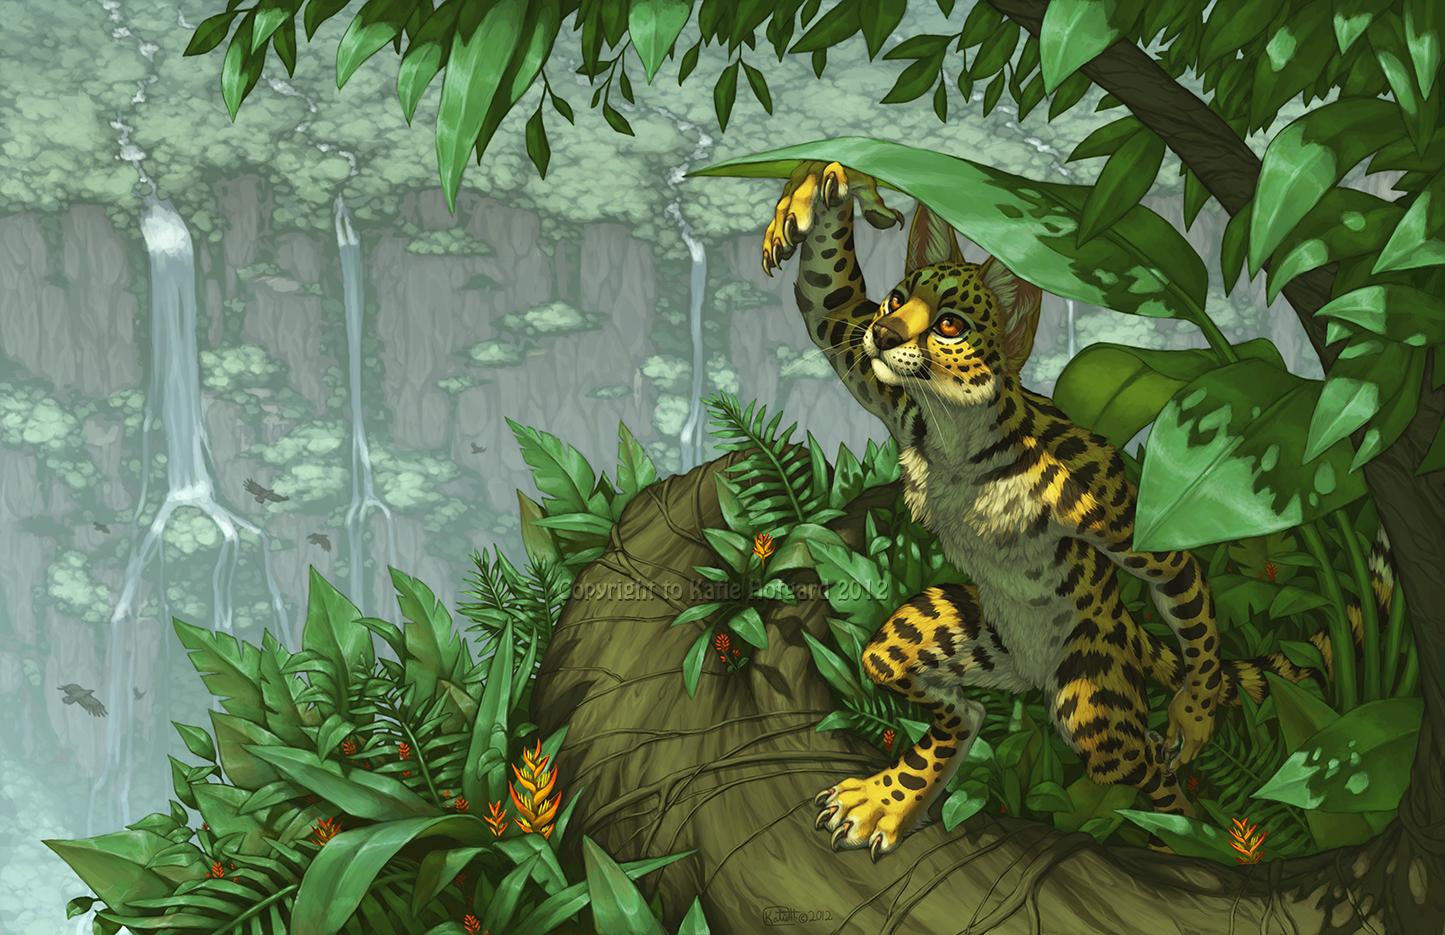 Fondo De Pantalla Selva: Fondos De Pantalla : Bosque, Animales, Peludo, Anthro